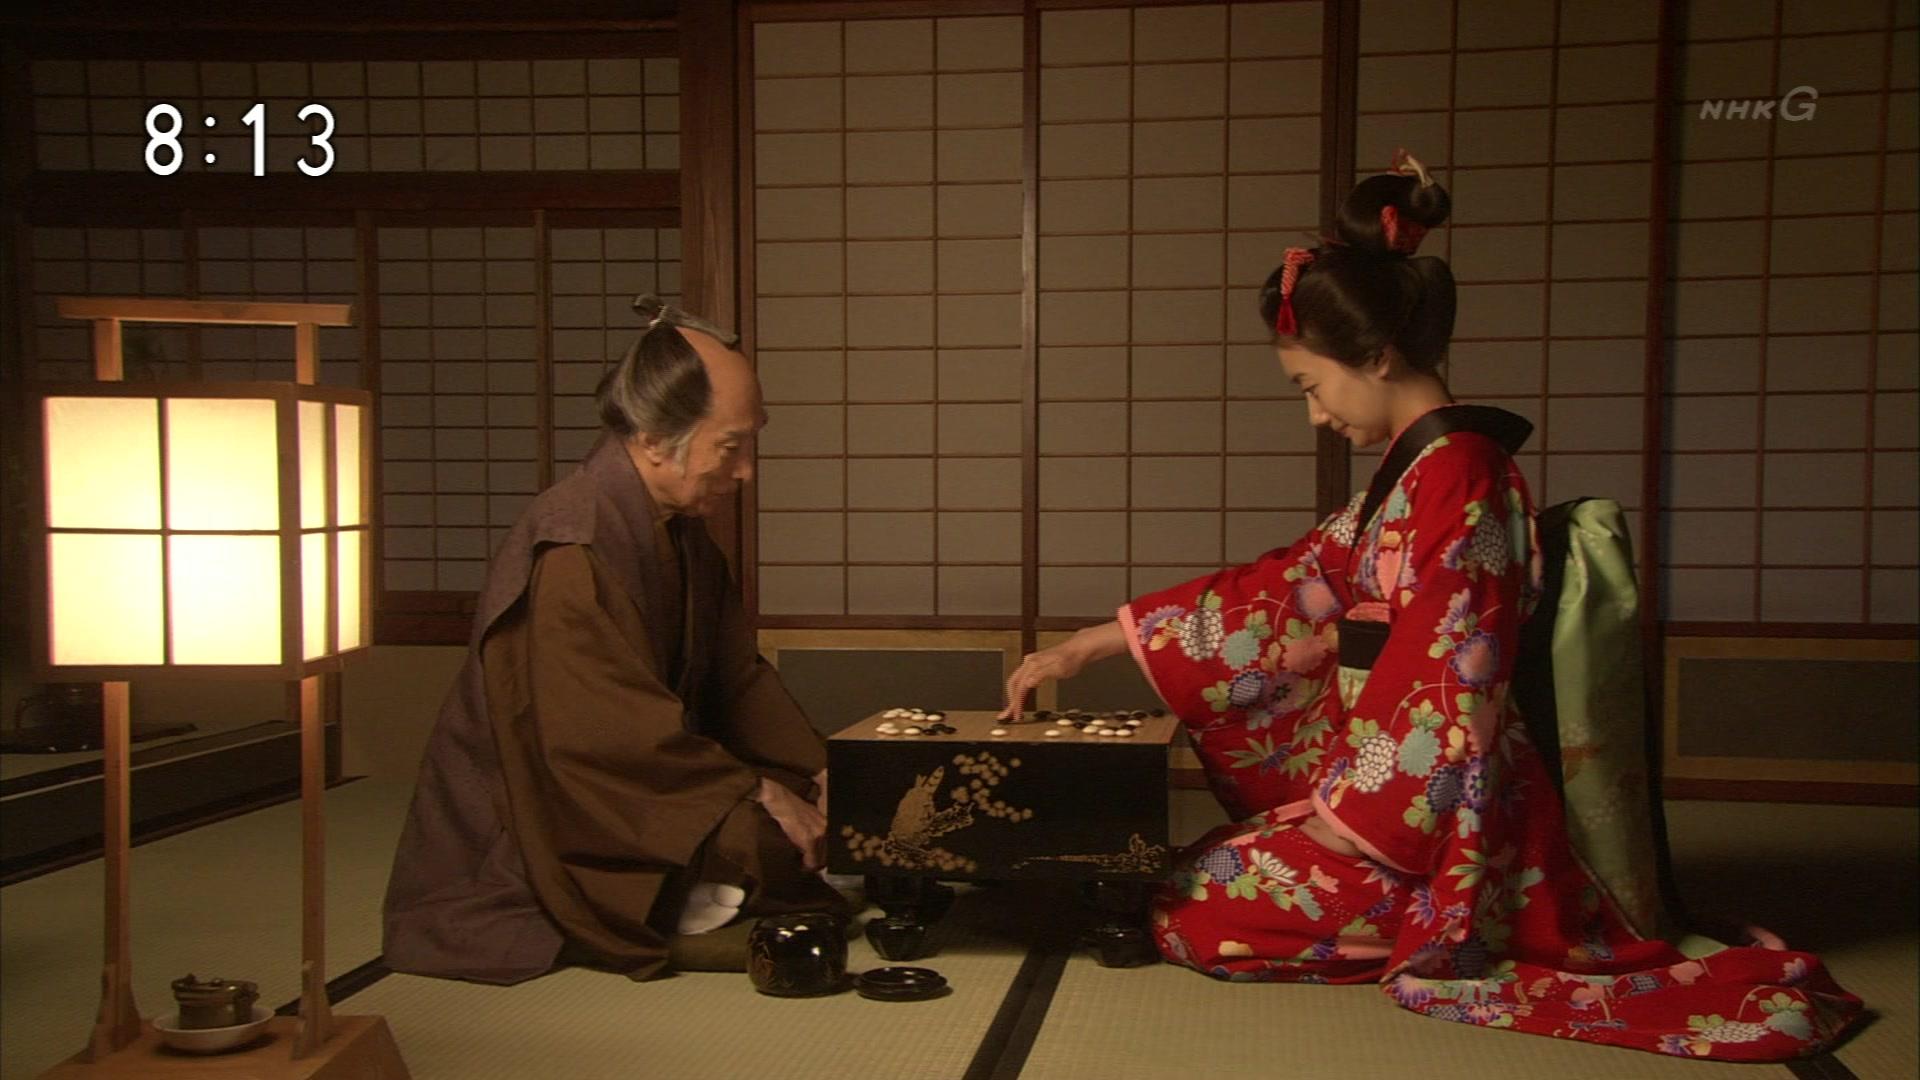 2015-10-06 08:00 連続テレビ小説 あさが来た(8)「ふたつの花びら」 2527